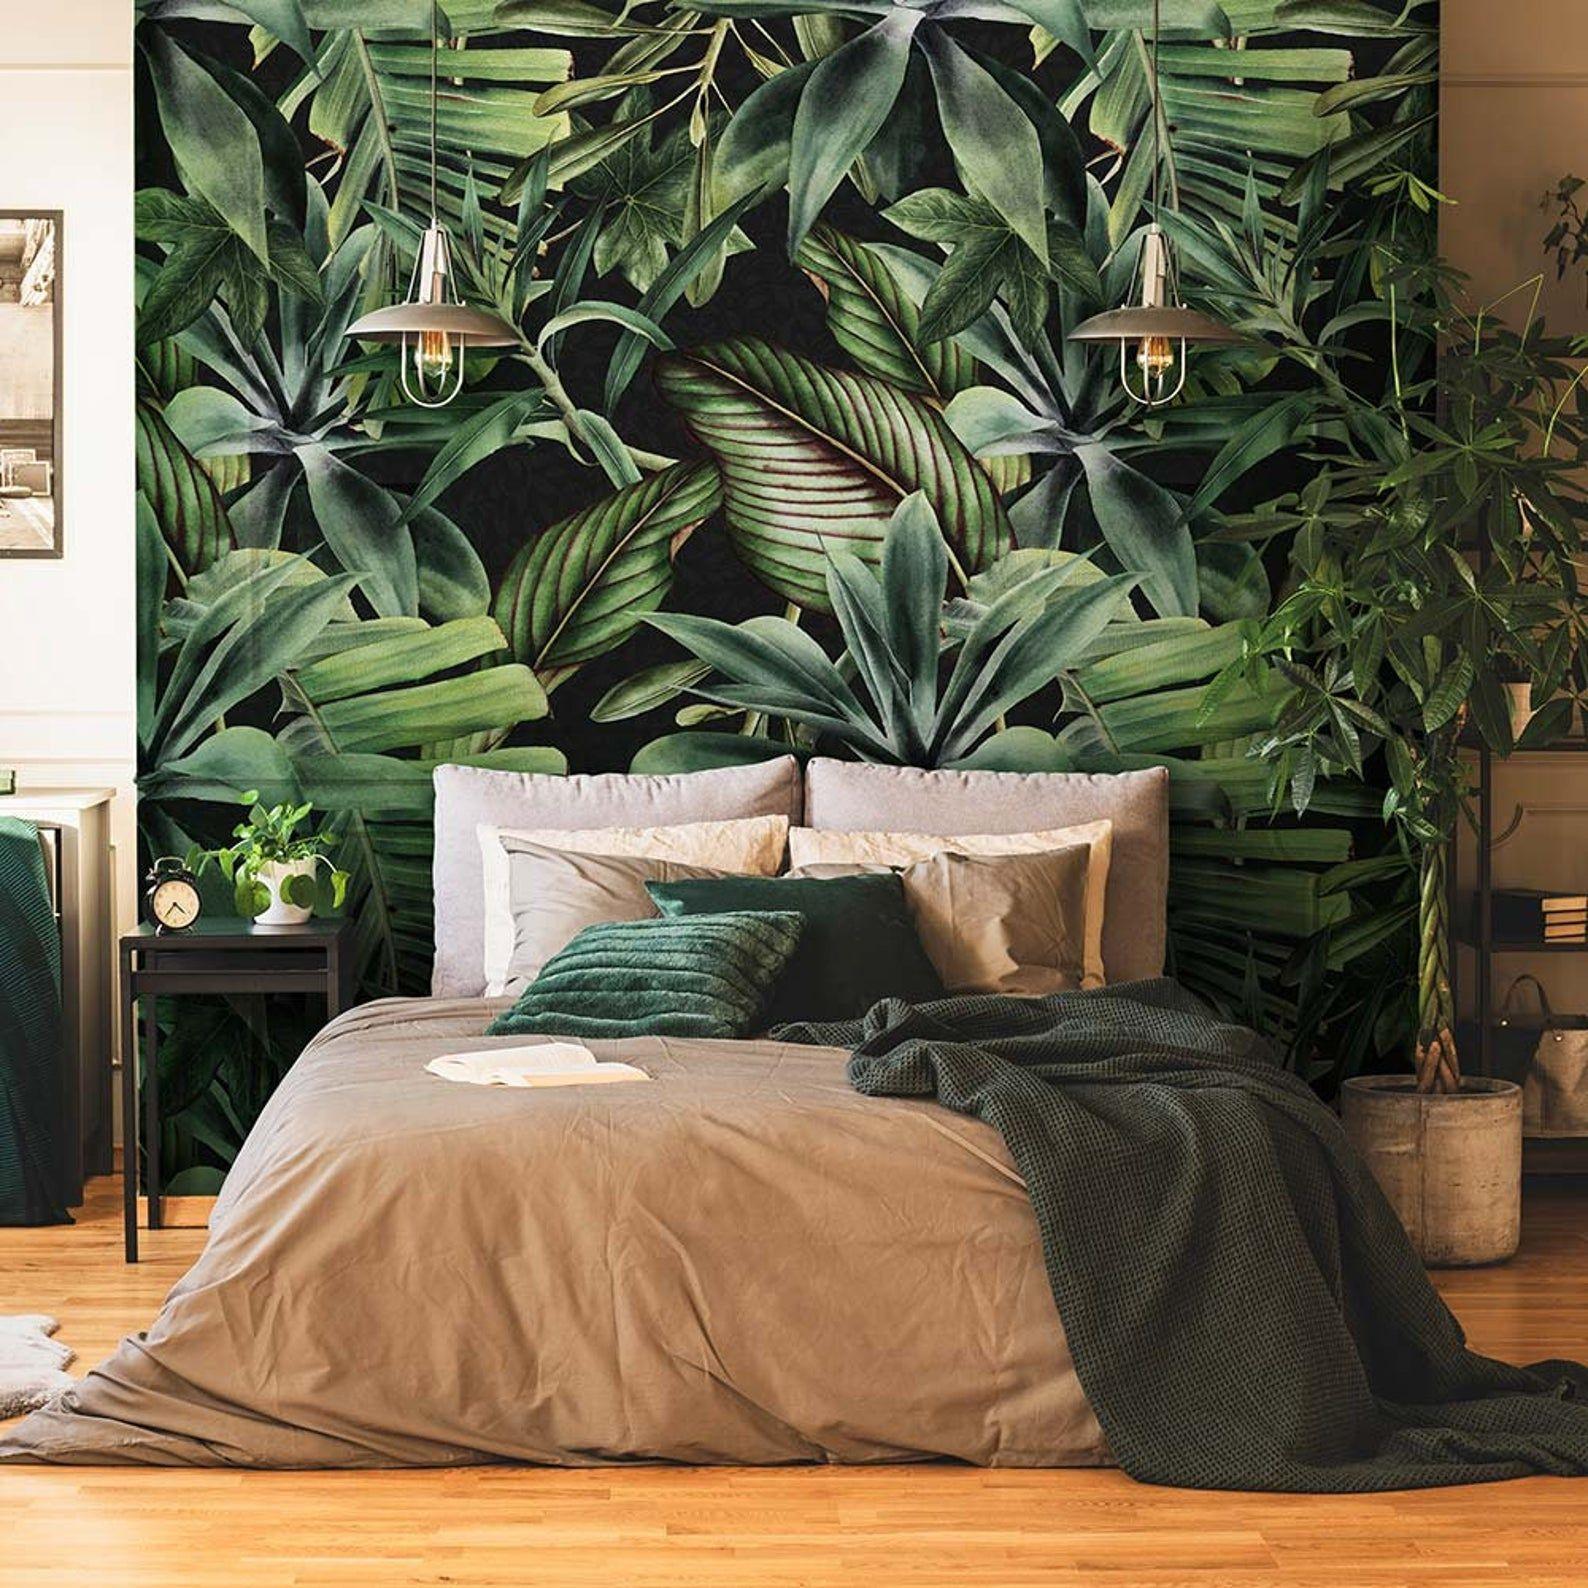 Cp0298 Fondo De Pantalla Adhesiva De Papel Efecto De Tela Muy Etsy In 2020 Tropical Bedroom Decor Tropical Bedrooms Luxurious Bedrooms Tropical wallpaper bedroom ideas